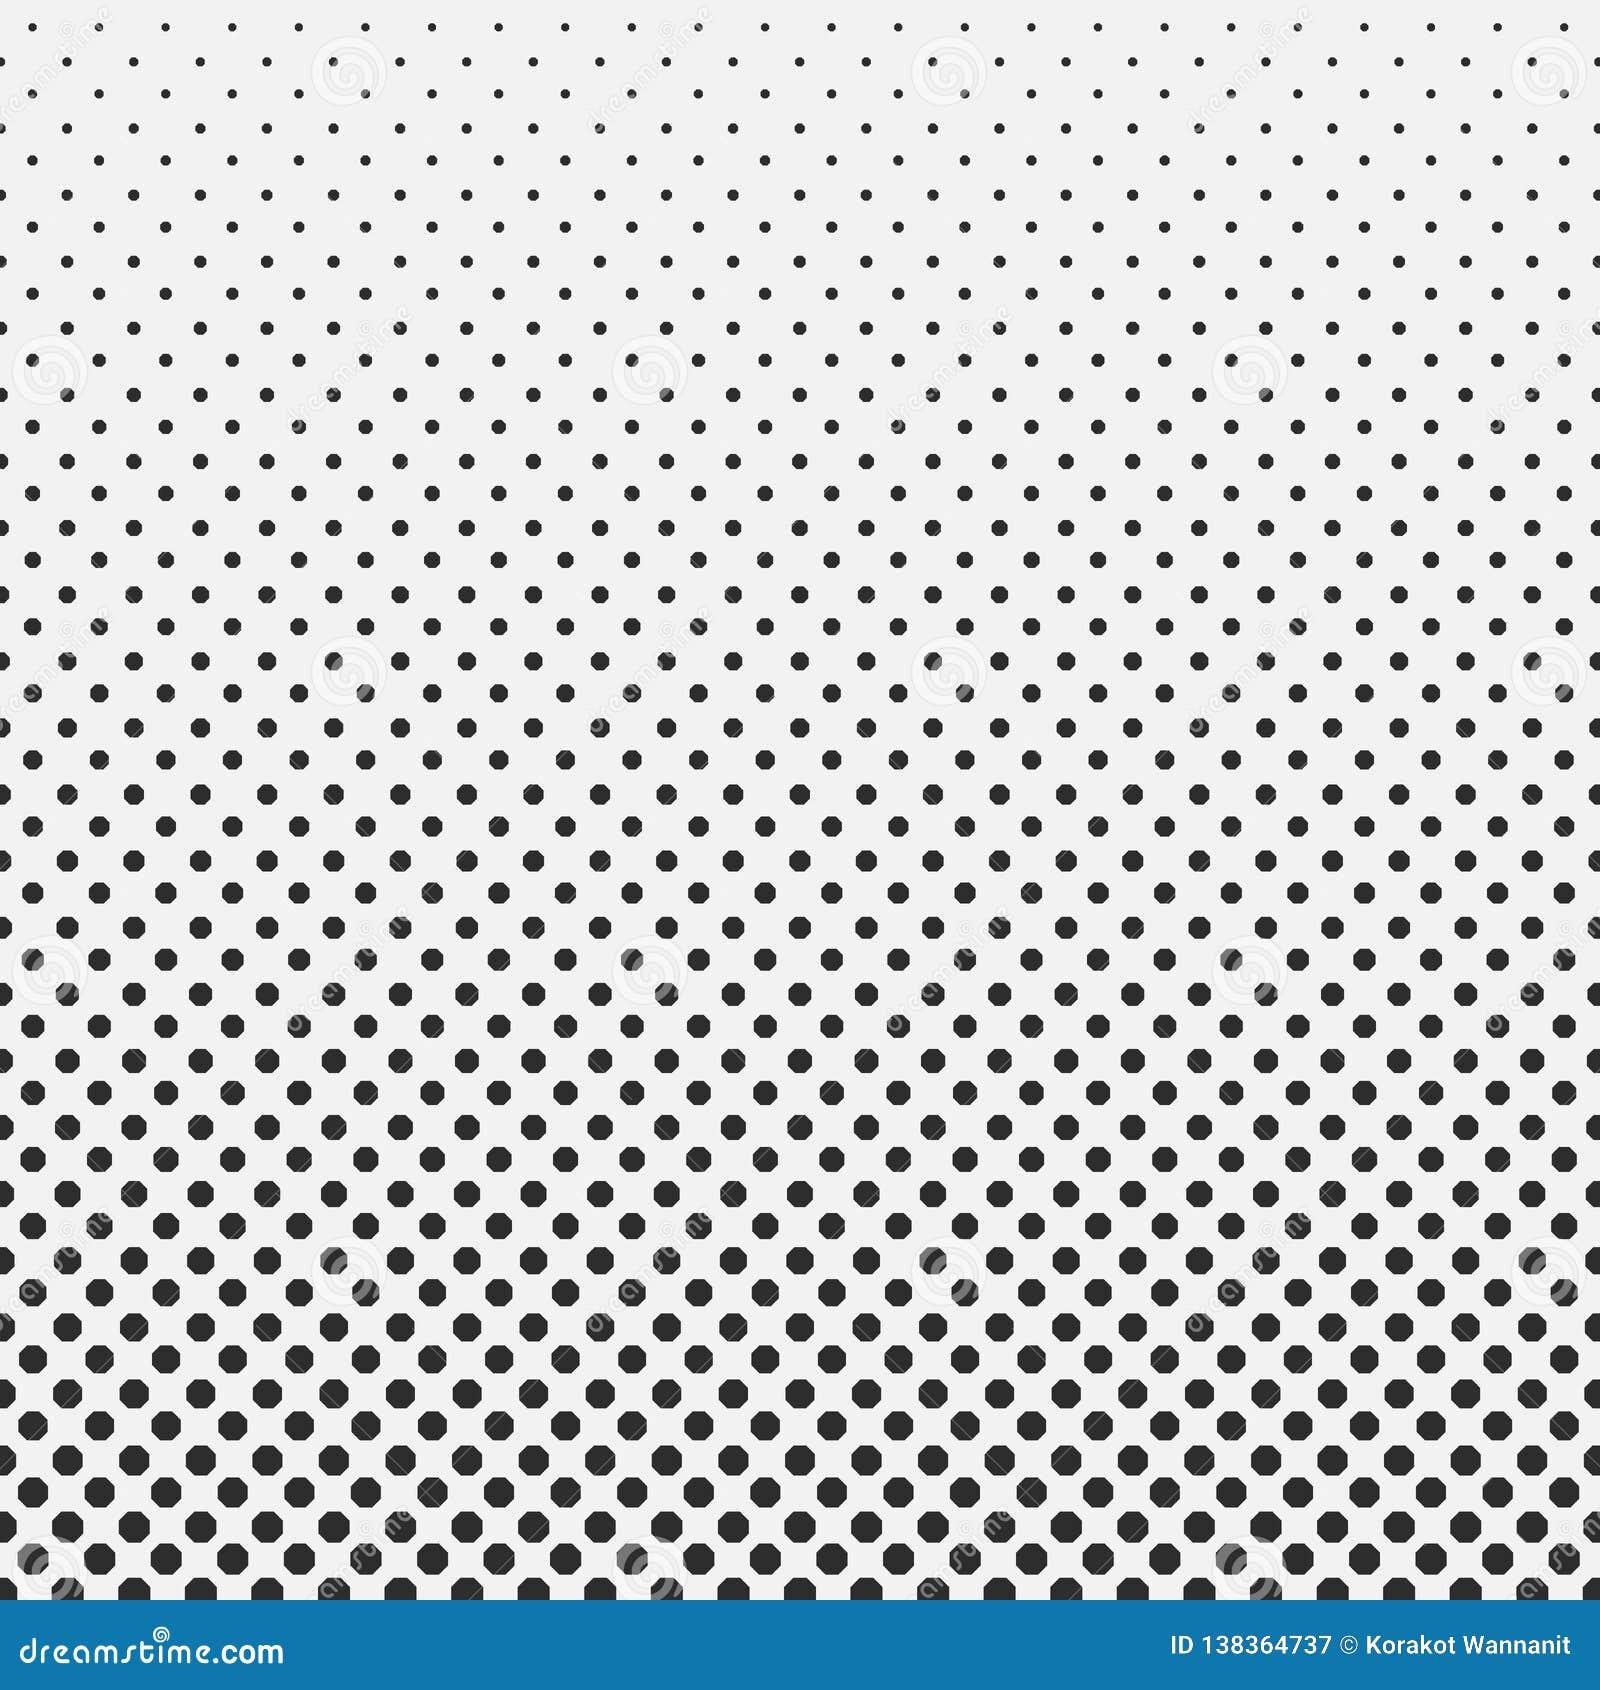 Fondo de semitono del modelo del hexágono del extracto blanco y negro